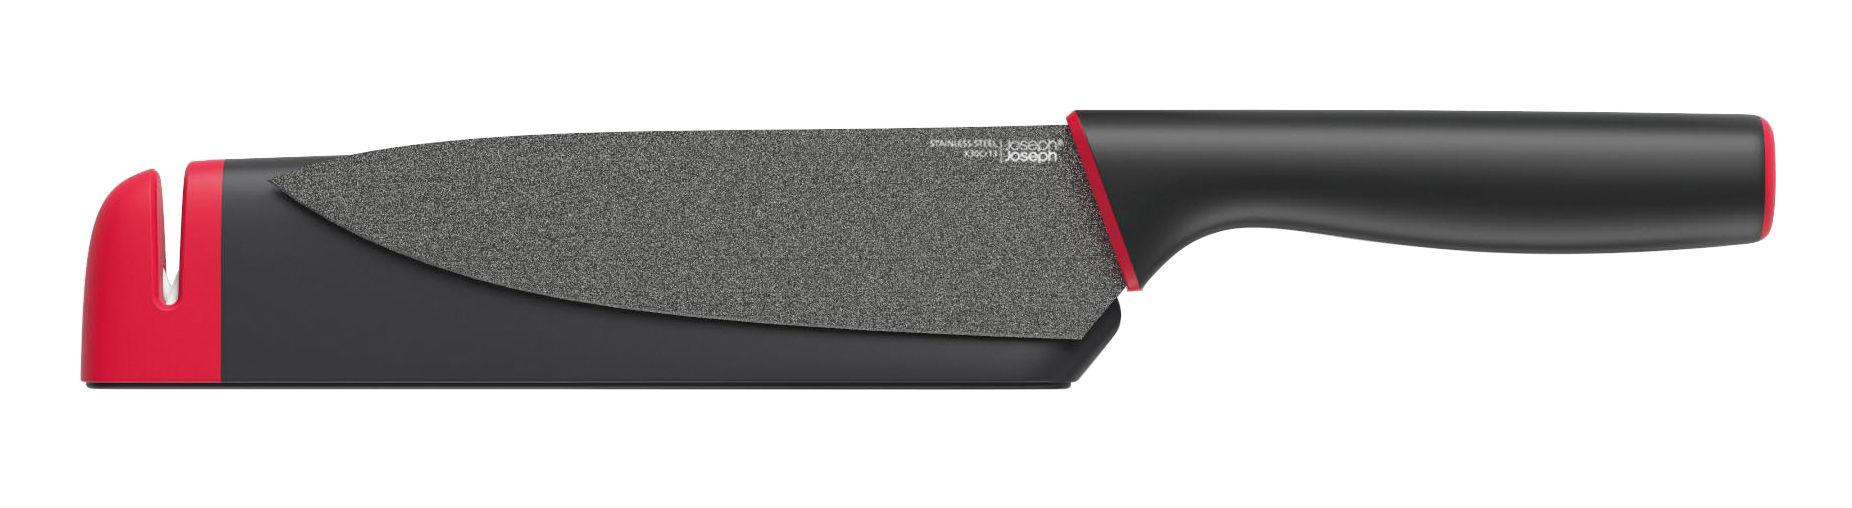 Cuisine - Couteaux de cuisine - Couteau de chef Slice&Sharpen / L 15 cm - Avec étui affûteur - Joseph Joseph - Chef L 15 cm / Noir & rouge - Céramique, Inox revêtu de silicone, Silicone